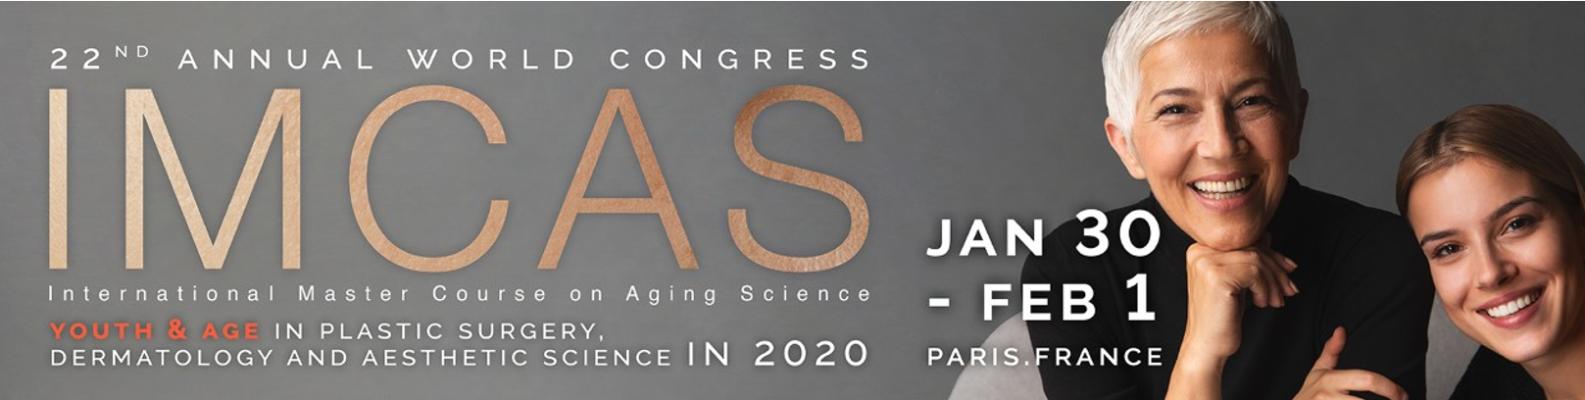 IMCAS 2020 Paris